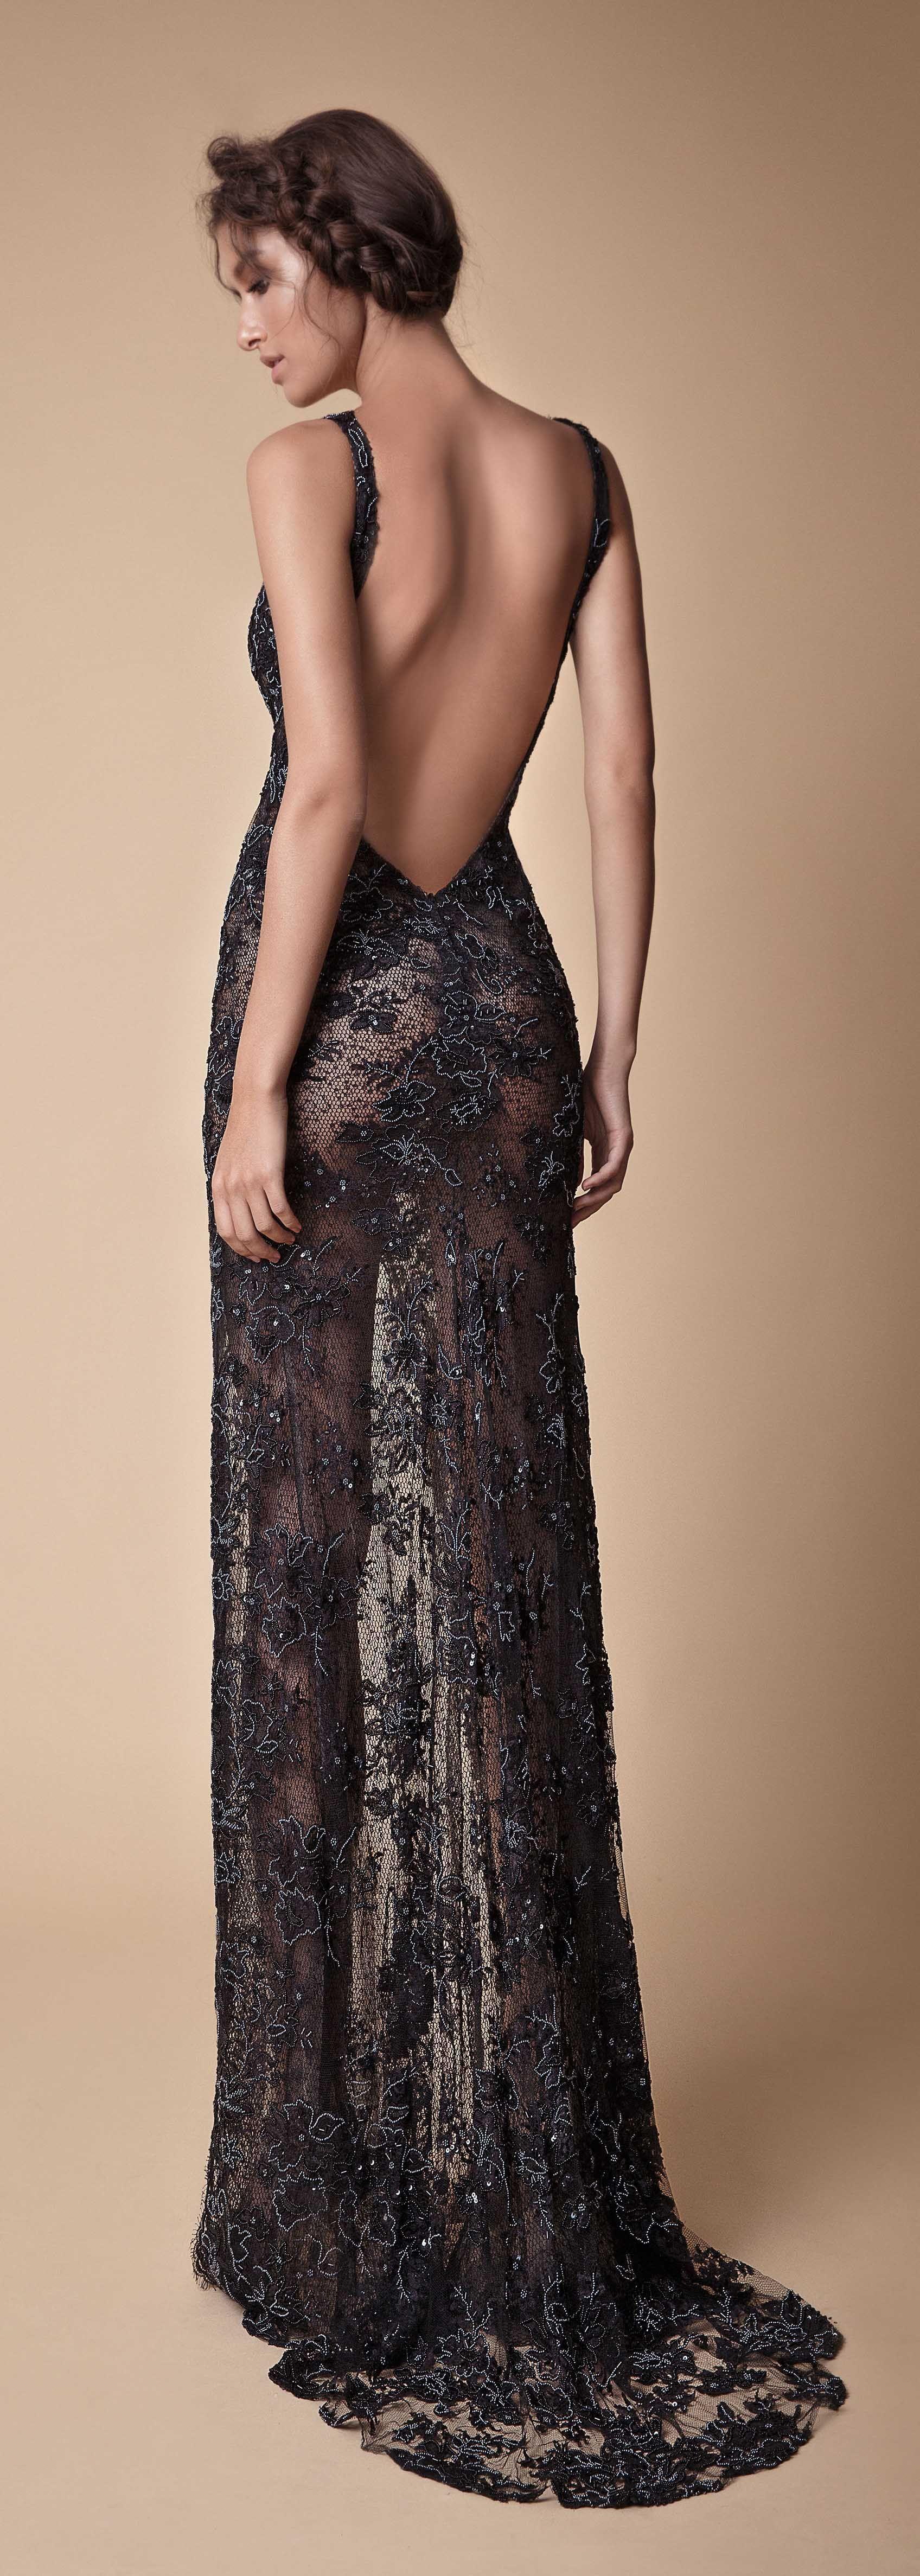 Los vestidos de noche tienen que ser largos